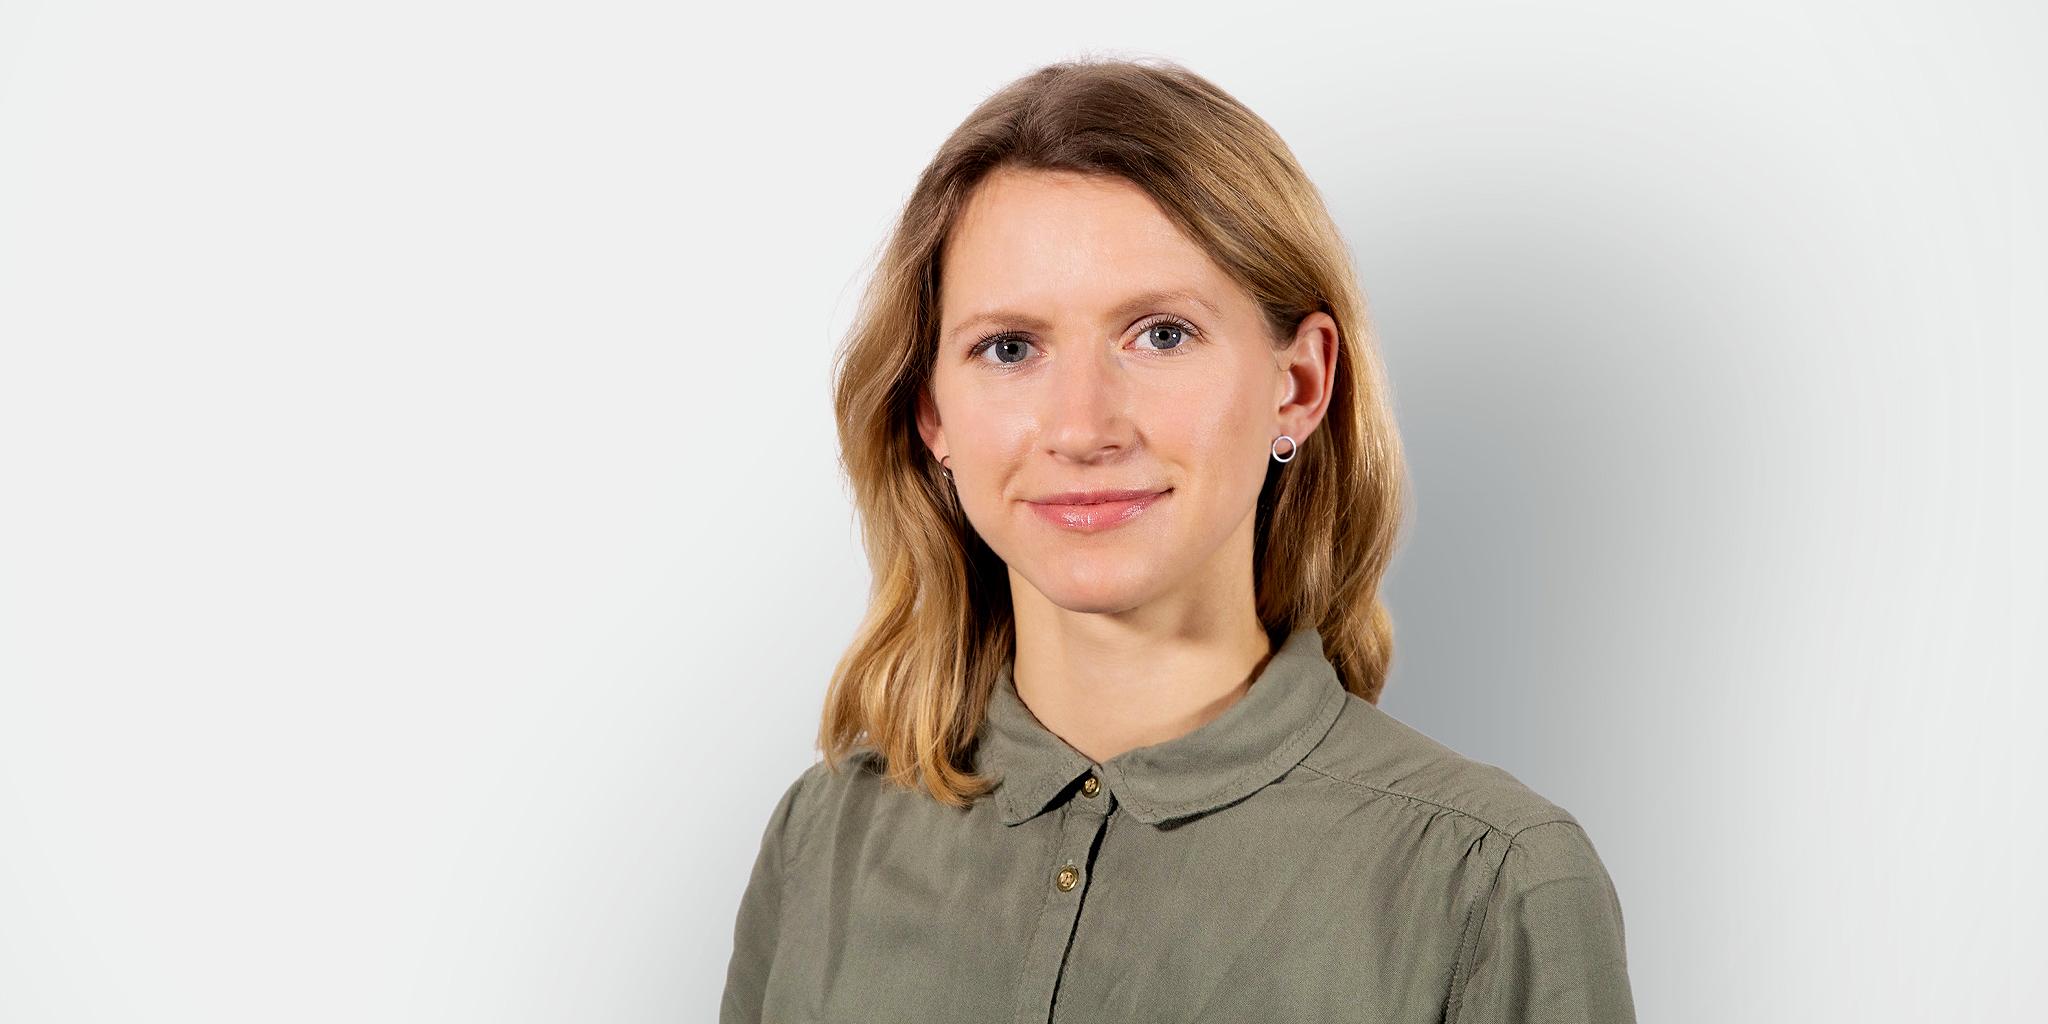 Agrarberaterin, Land- und Forstwirtschaft, Landwirtschaftsrecht, Mitarbeiter: Neue Agrarberaterin für die ETL Agrar & Forst GmbH